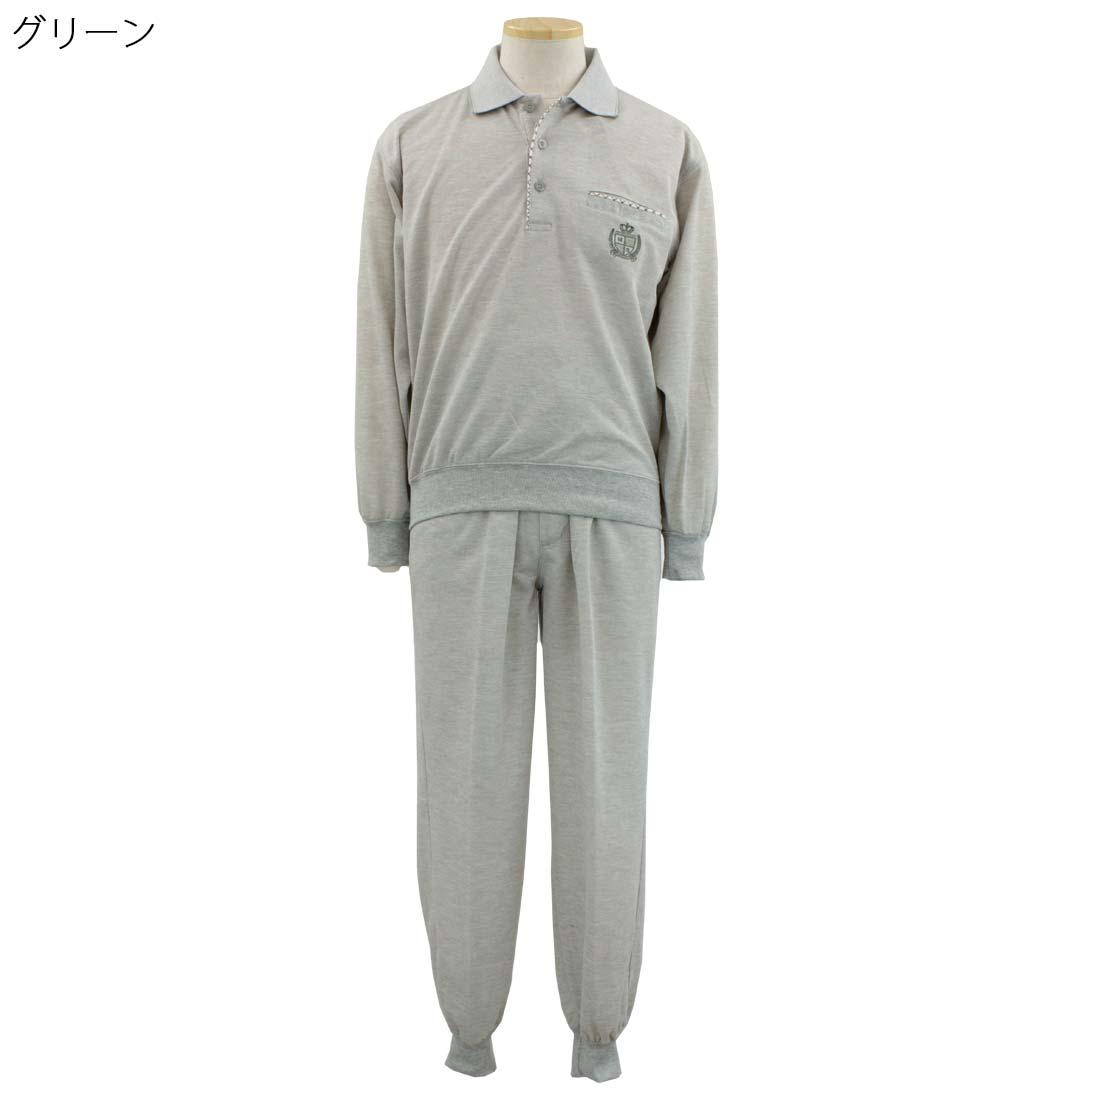 メンズ シニアファッション■カノコ レインボー 上下セット ホームウエア